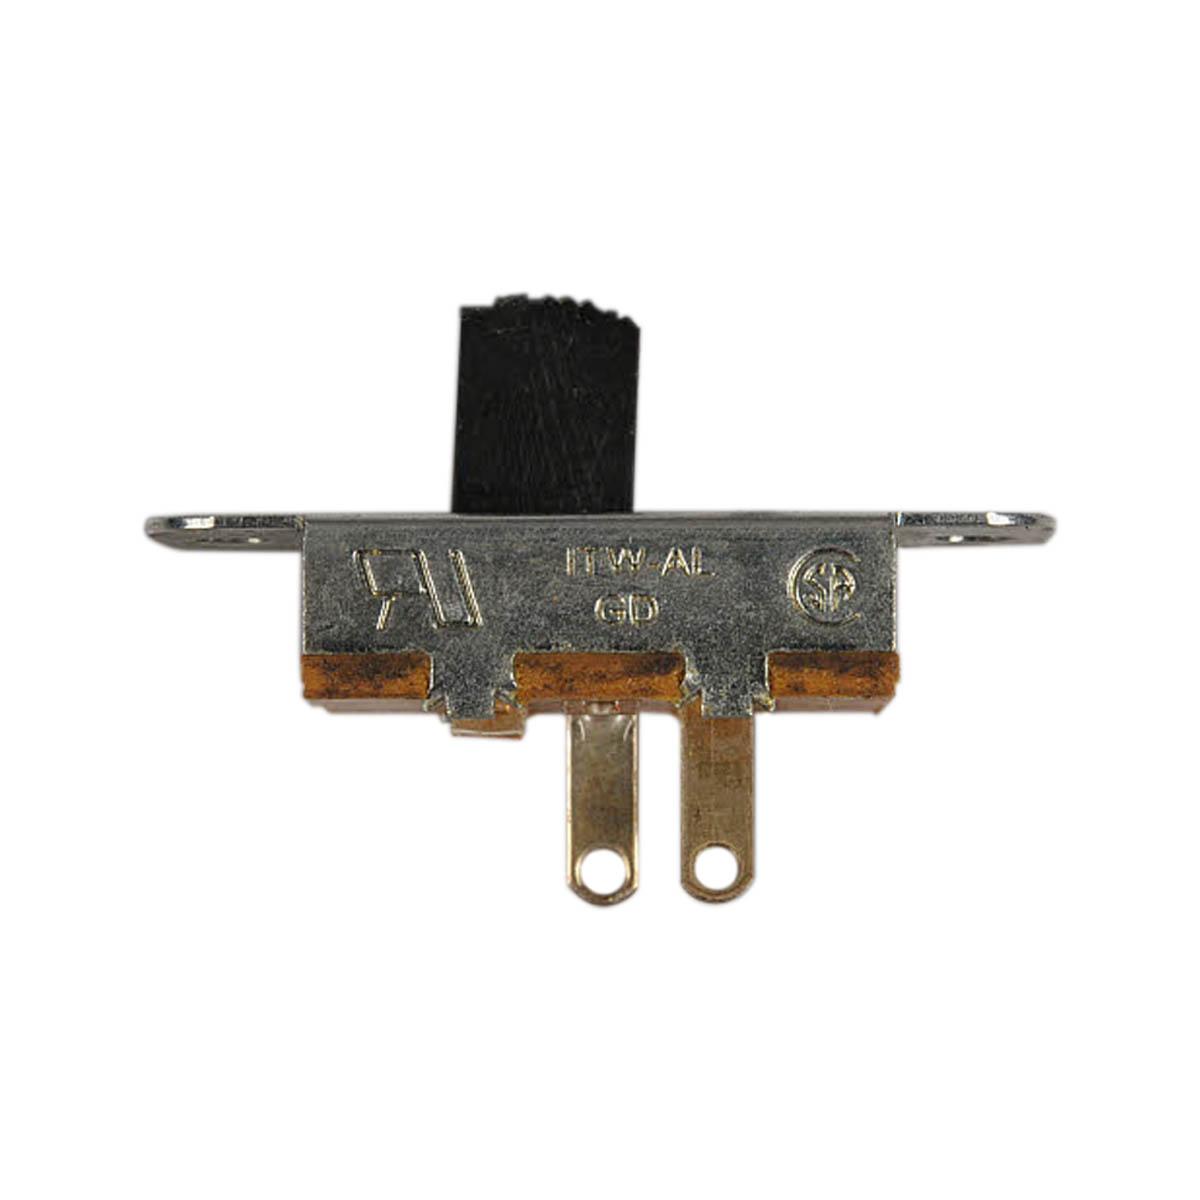 Refaccion Interruptor Para Desbrozadora Black And Decker